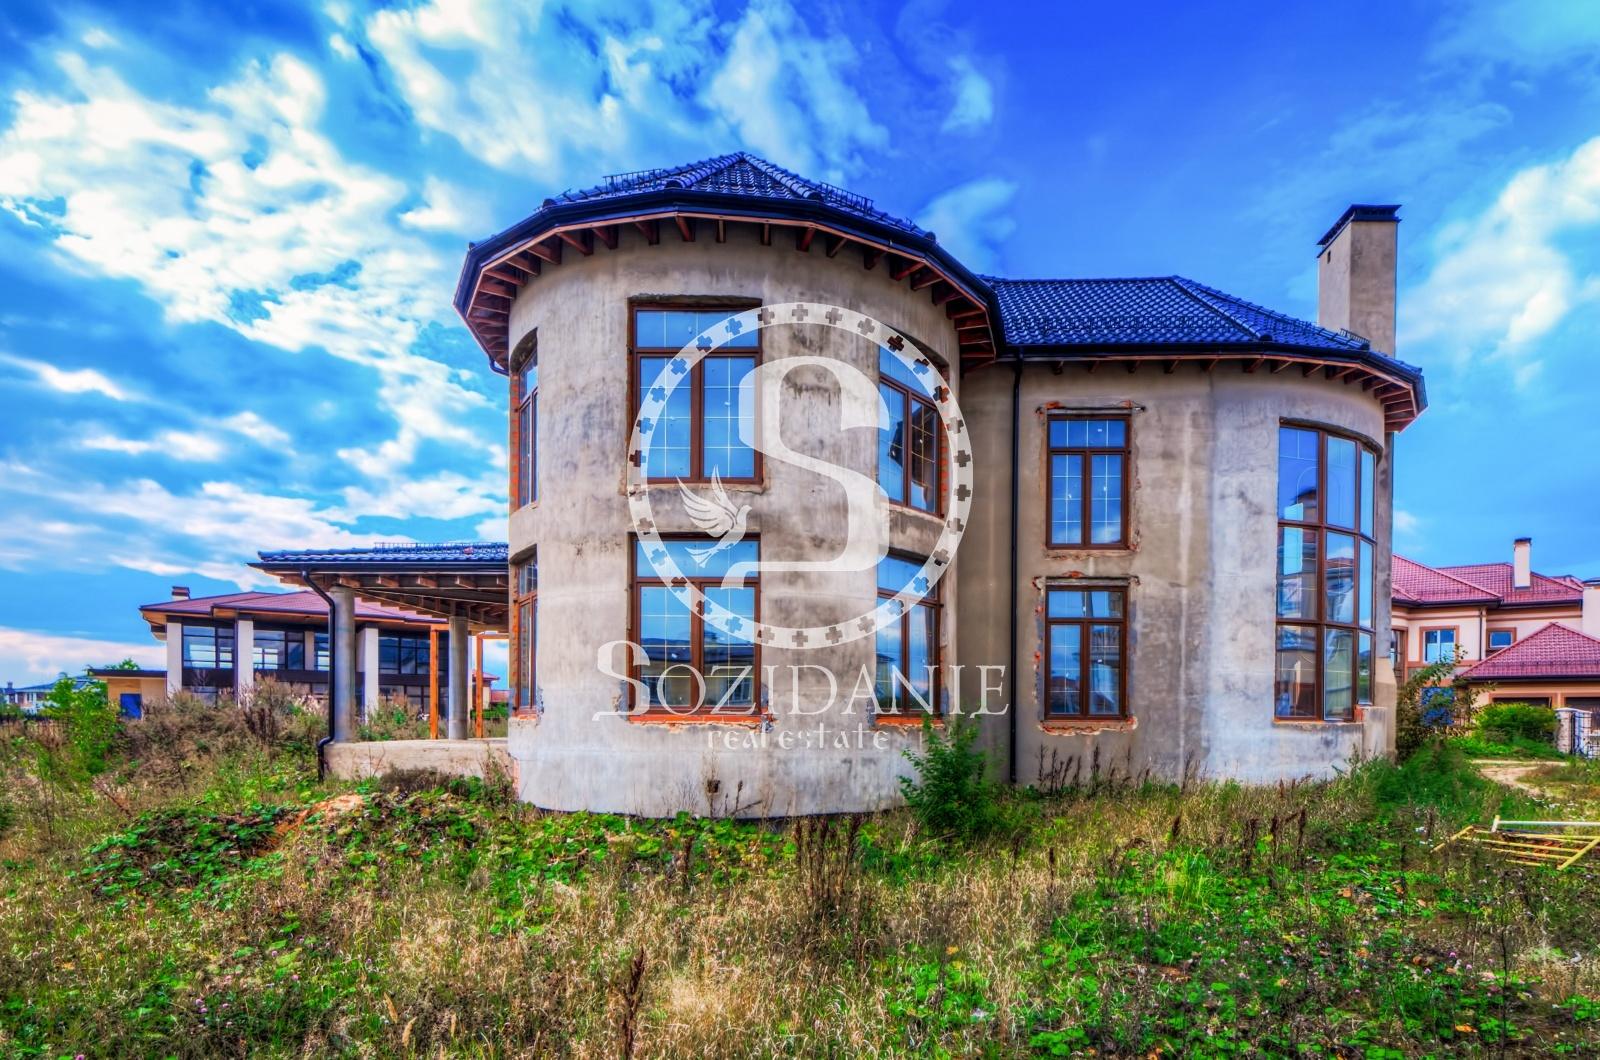 3 Bedrooms, Загородная, Продажа, Listing ID 1271, Московская область, Россия,